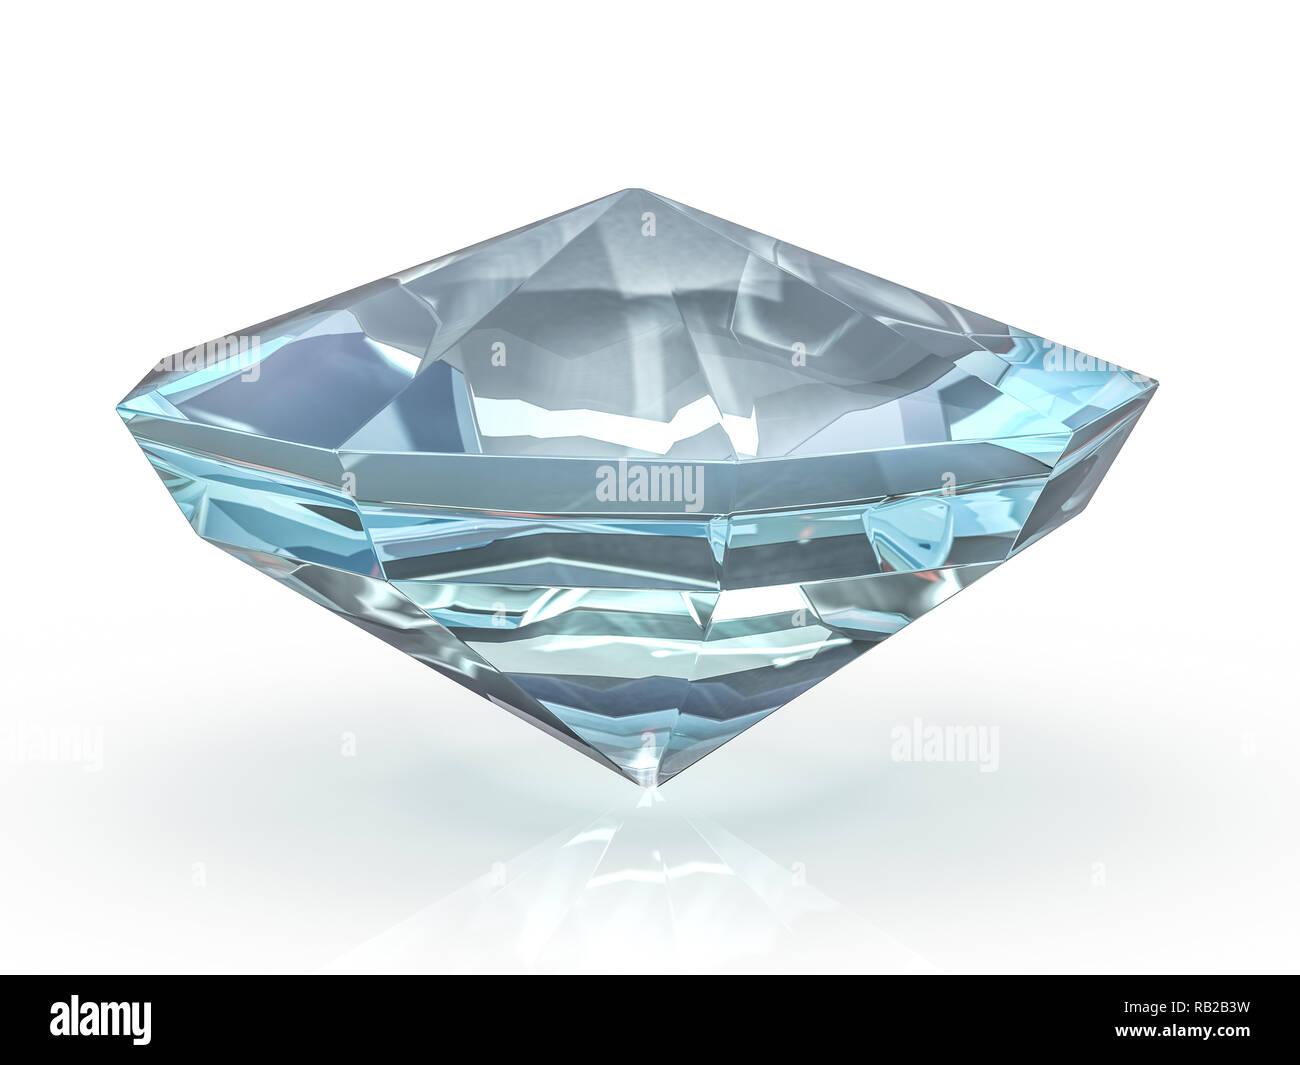 43d801fc09b2 Diamante deslumbrante sobre un fondo blanco. 3D rendering Imagen De Stock